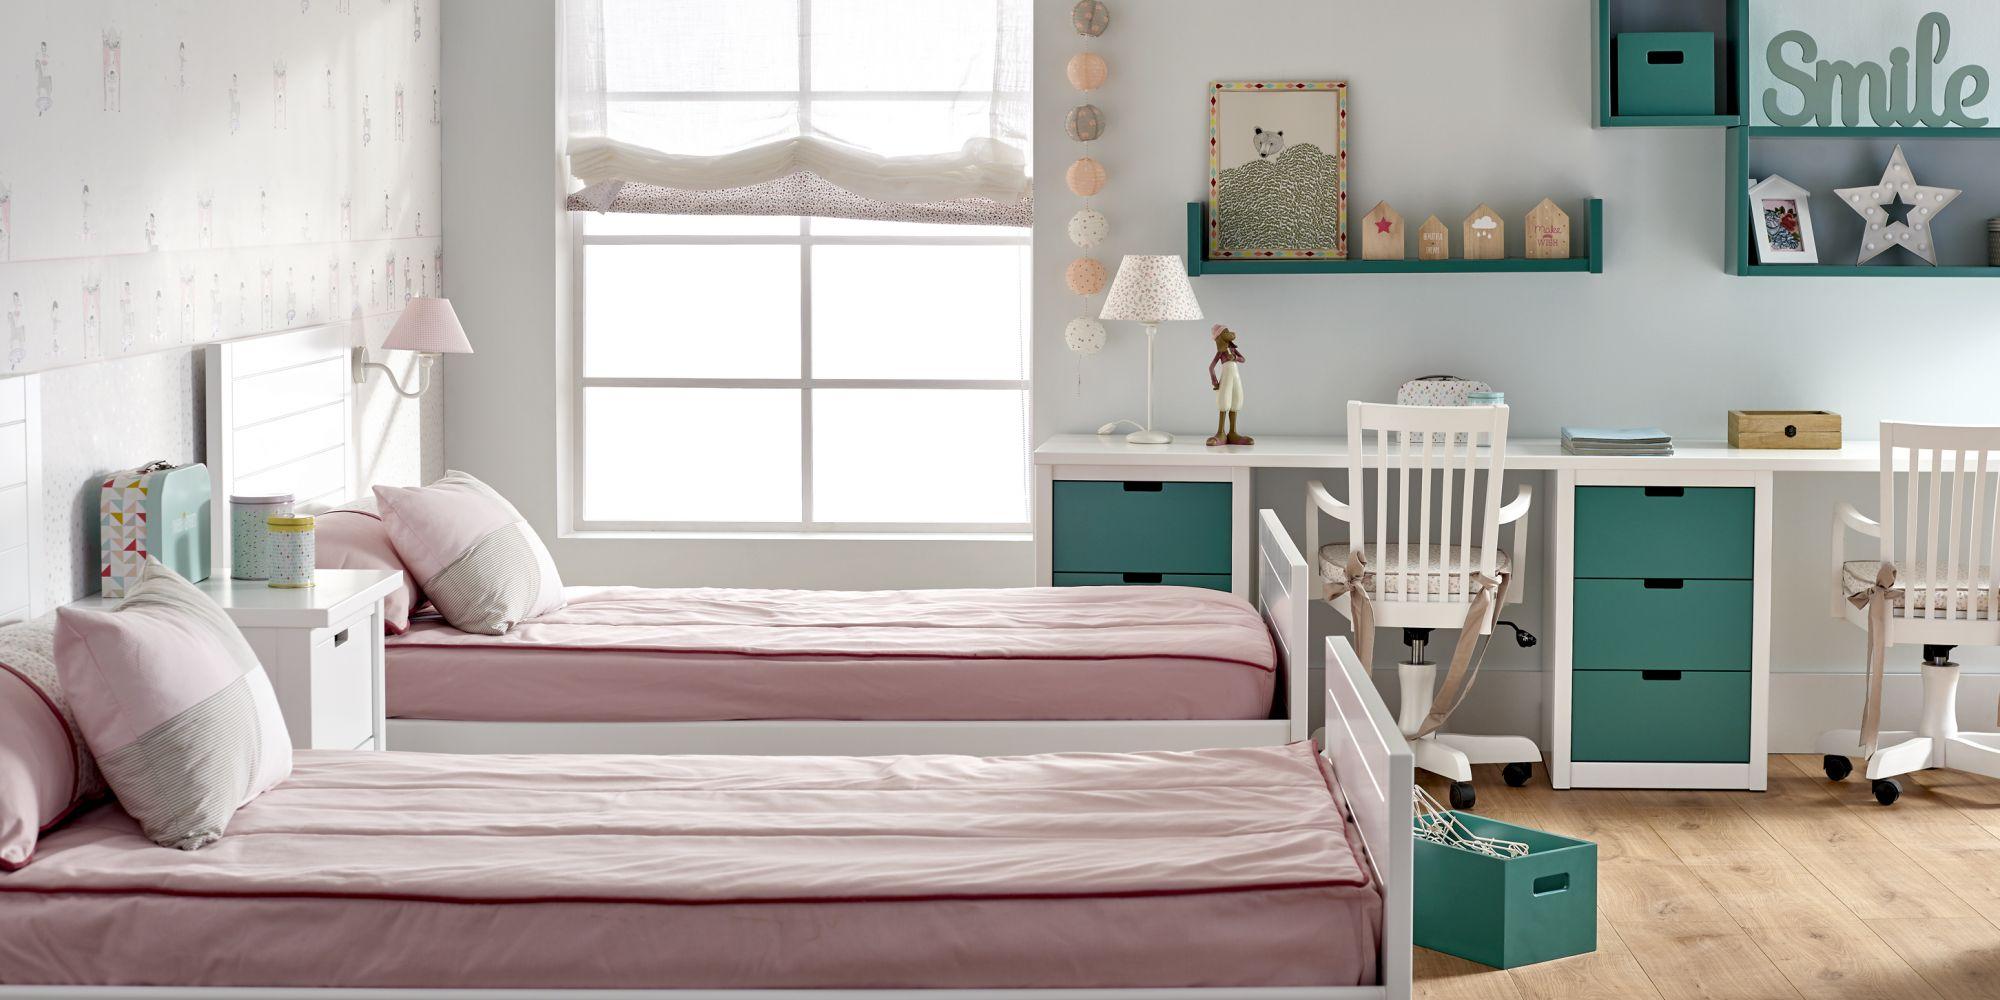 Habitación juvenil con 2 camas separadas y mesa de estudio con cajones